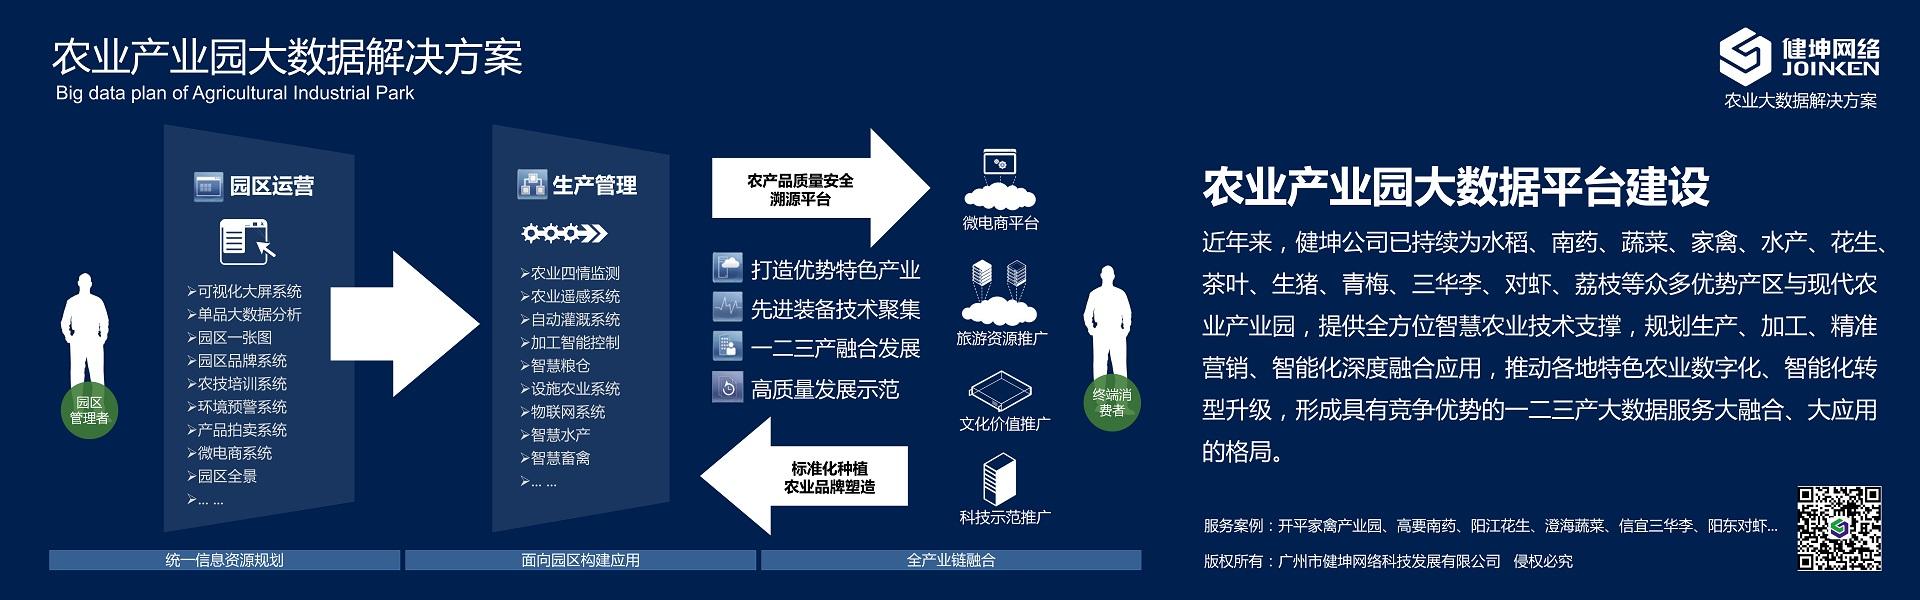 乐动手机产业园大数据解决方案